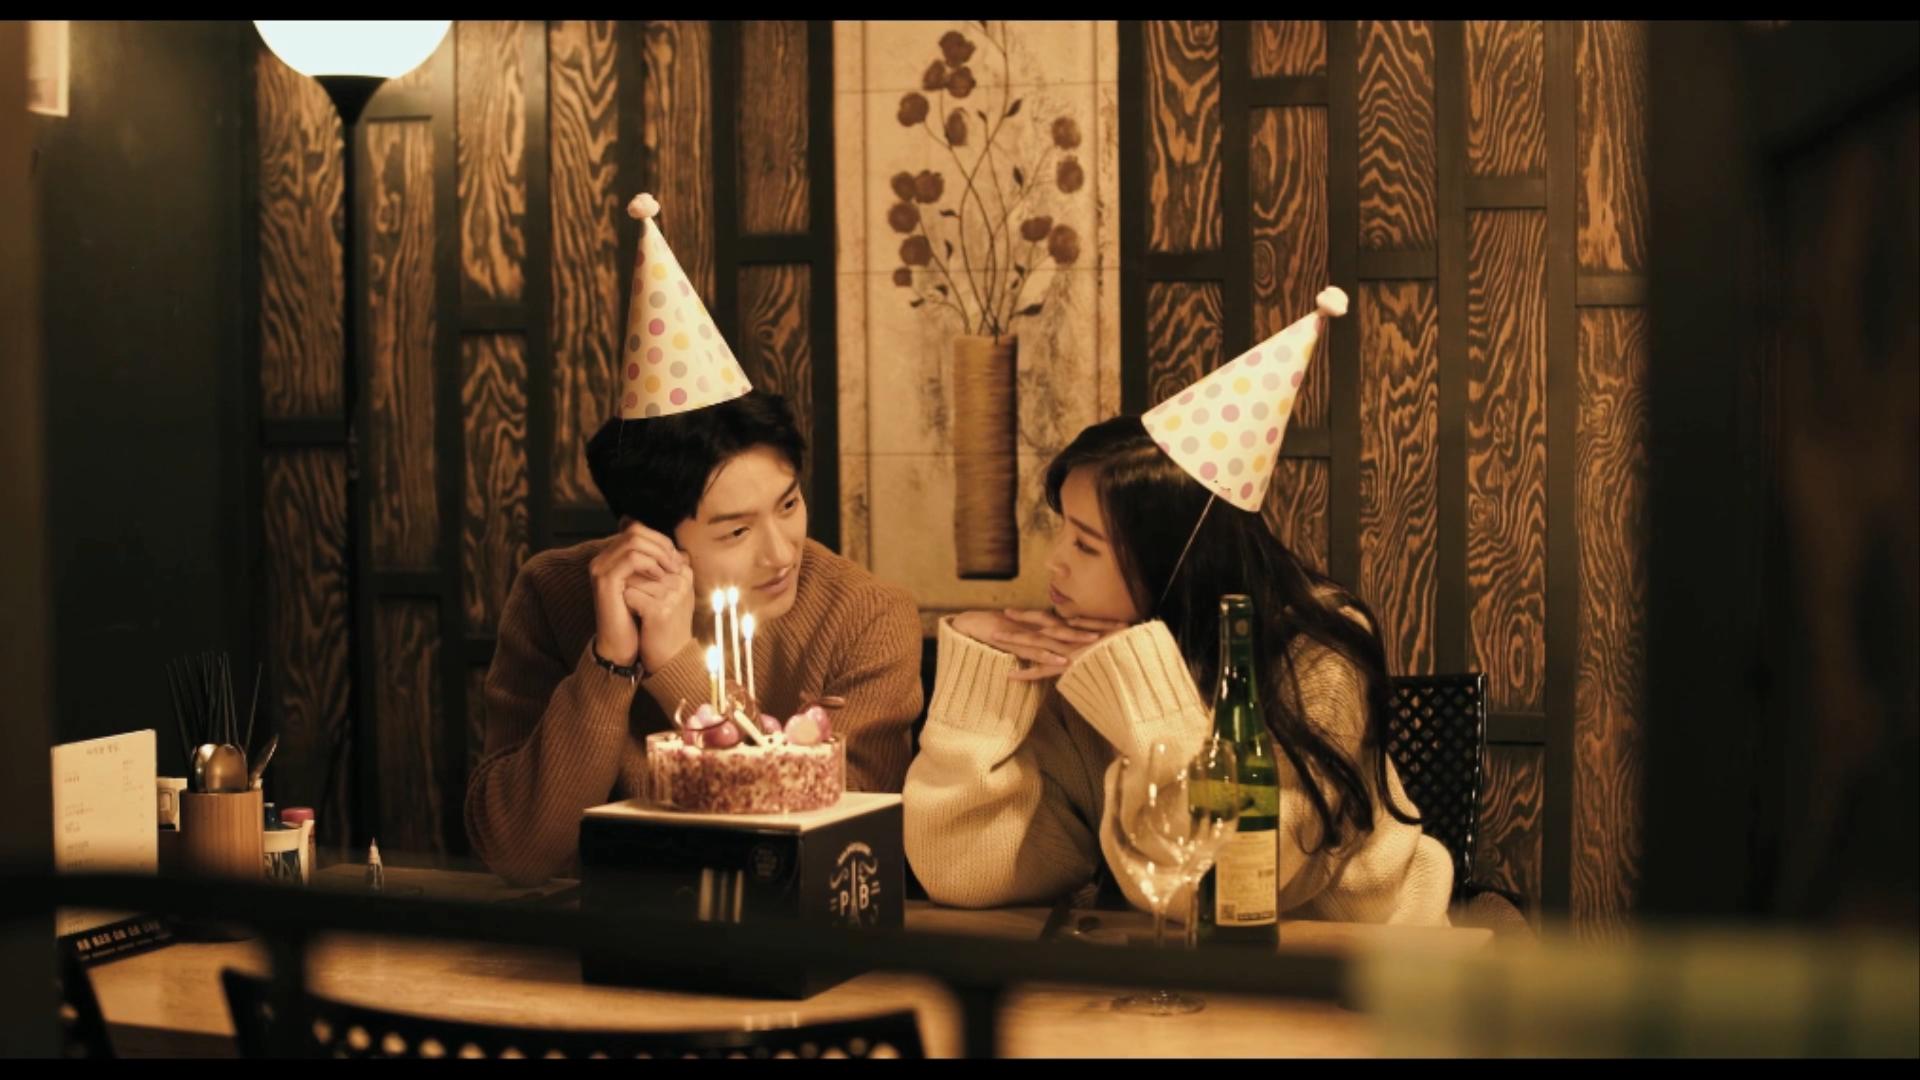 [단편영화 프로젝트 : beginning] #4 지건우 <보통 특별한 연애> Ji Geon Woo - Simple, but special date)